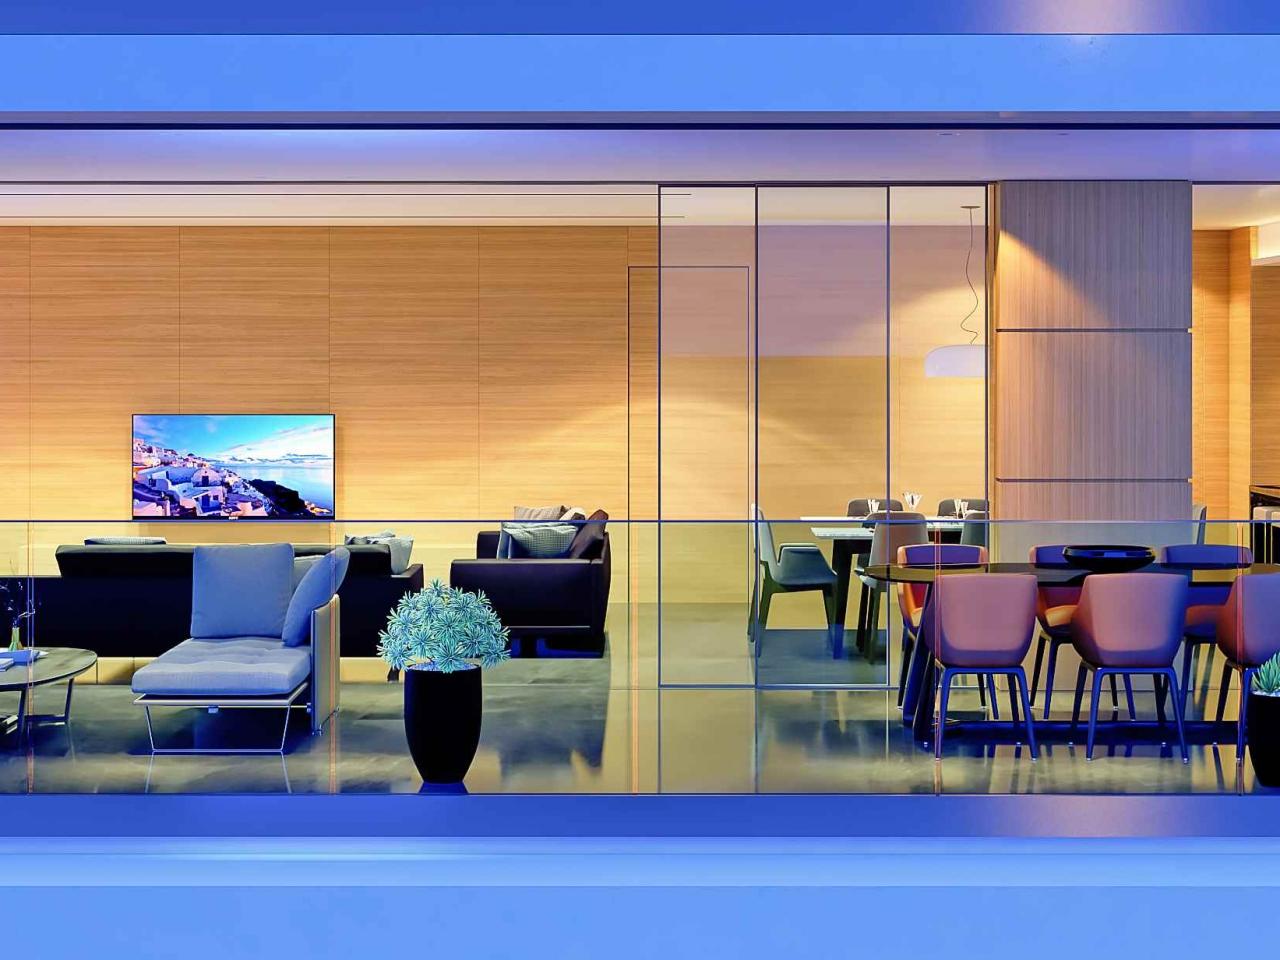 Недвижимость на Продажу: Апартаменты (Пентхаус), Район Папас, Лимассол | Key Realtor Кипр